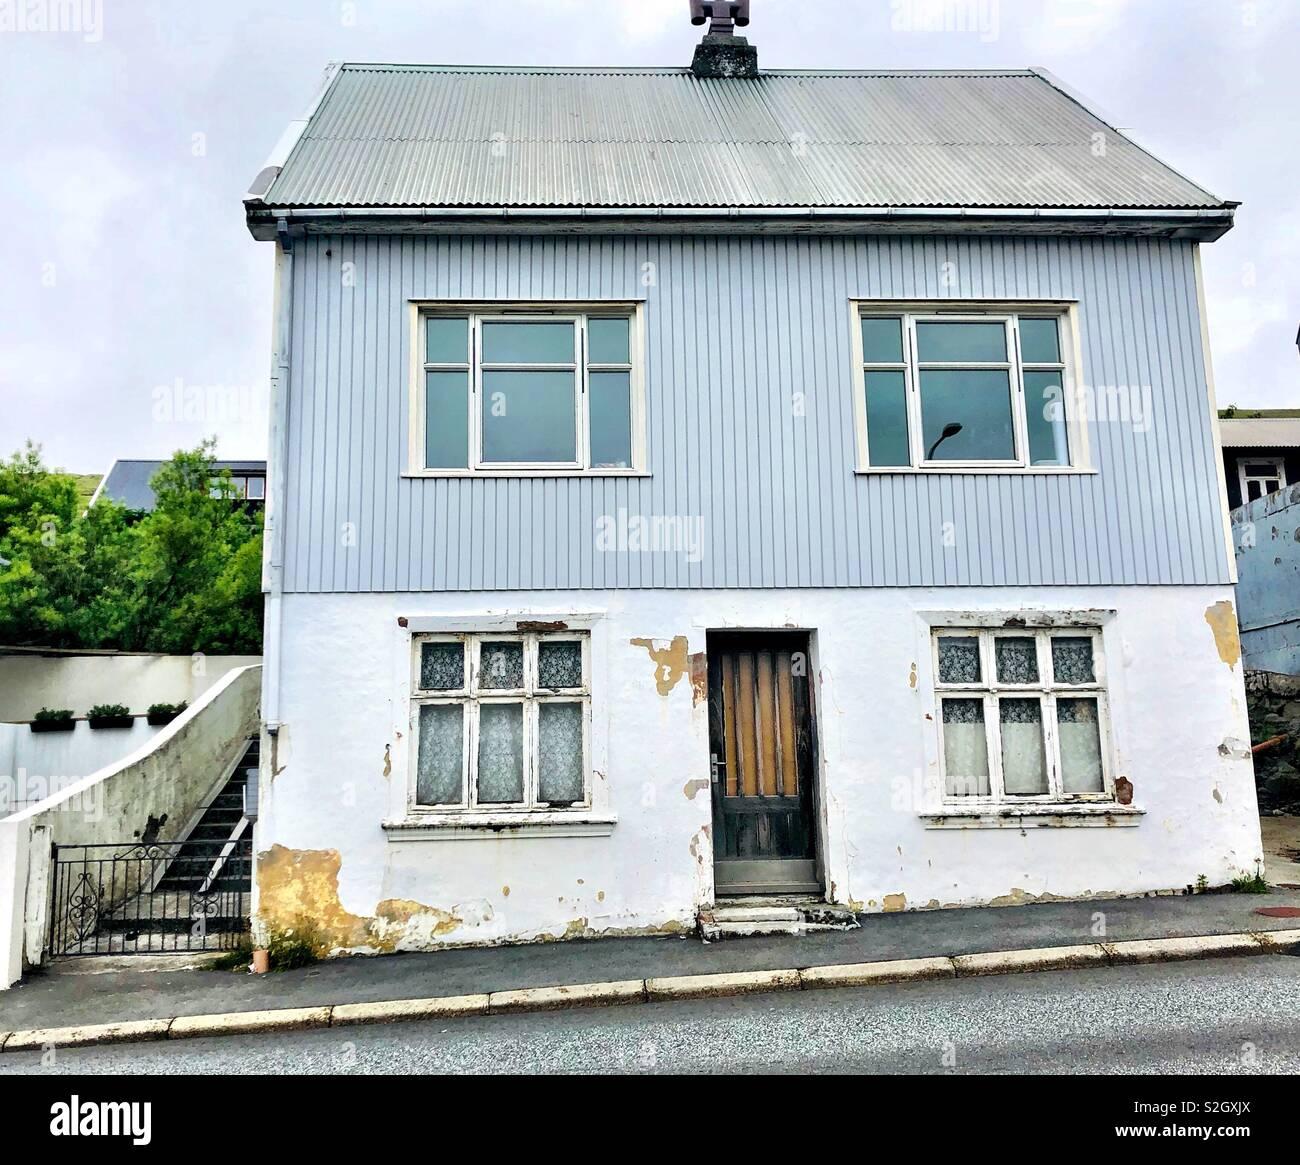 Un pallido blue house con quattro finestre nelle isole Faerøer Foto Stock